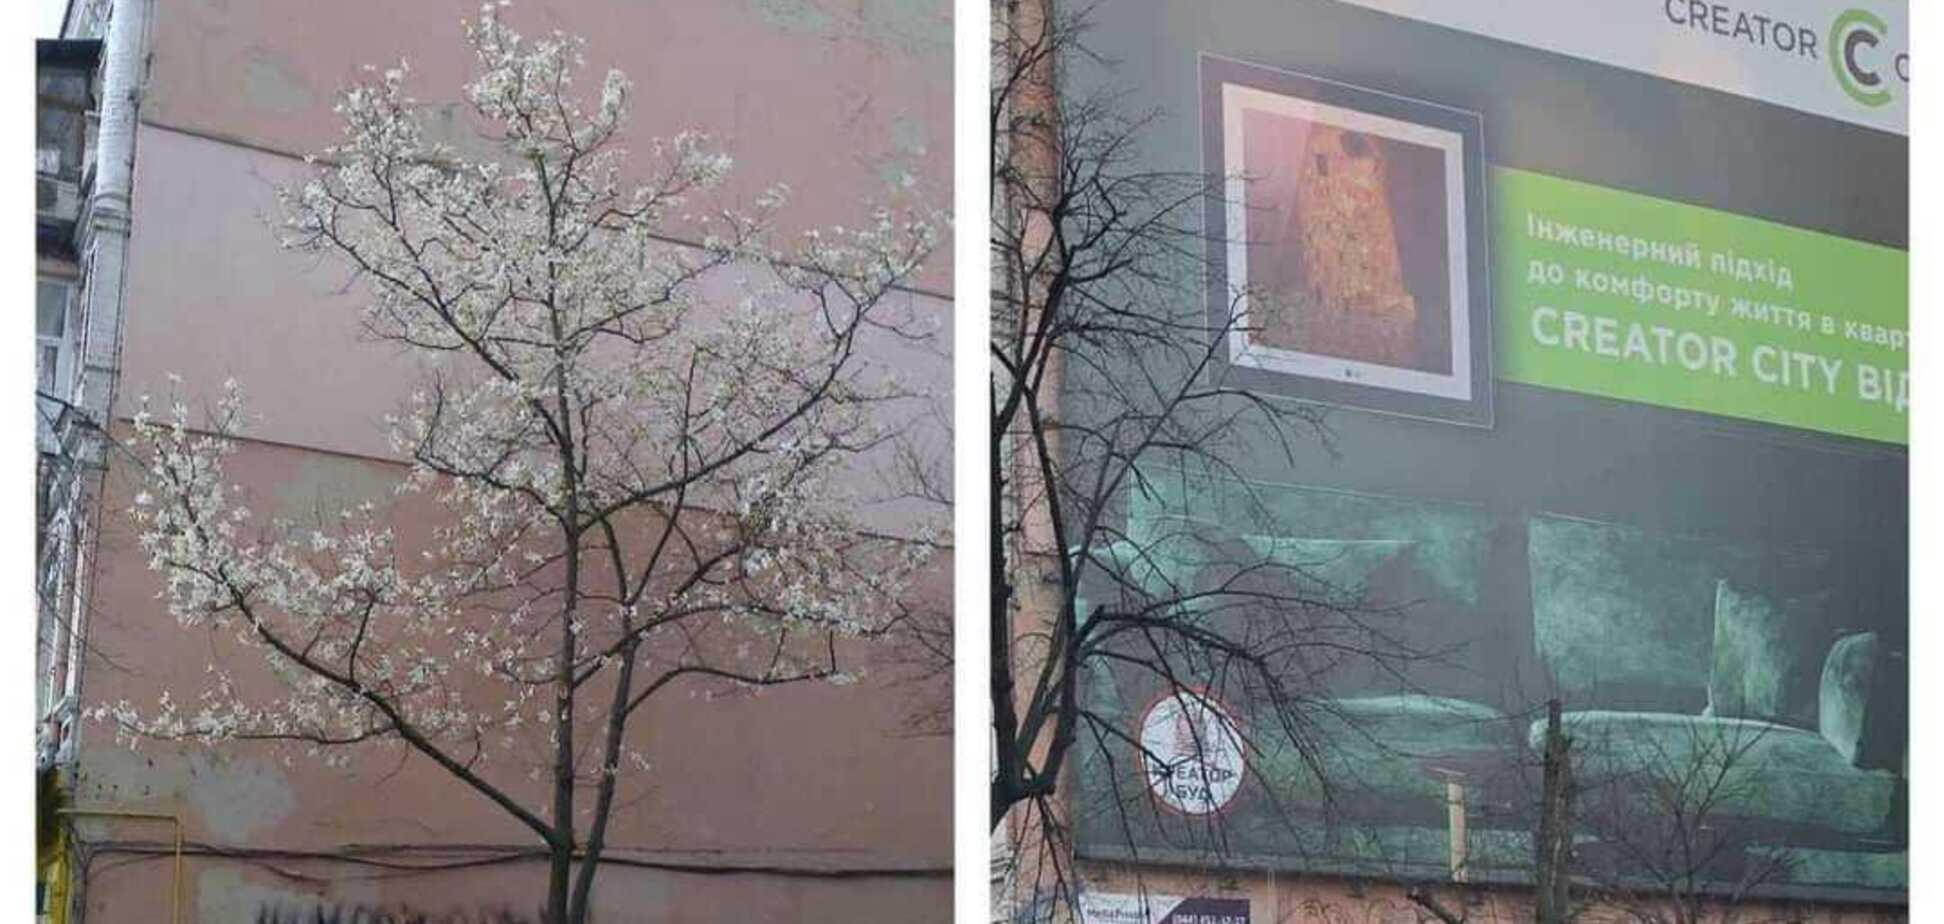 У центрі Києва заради рекламного банера обрізали рідкісне дерево: подробиці пригоди